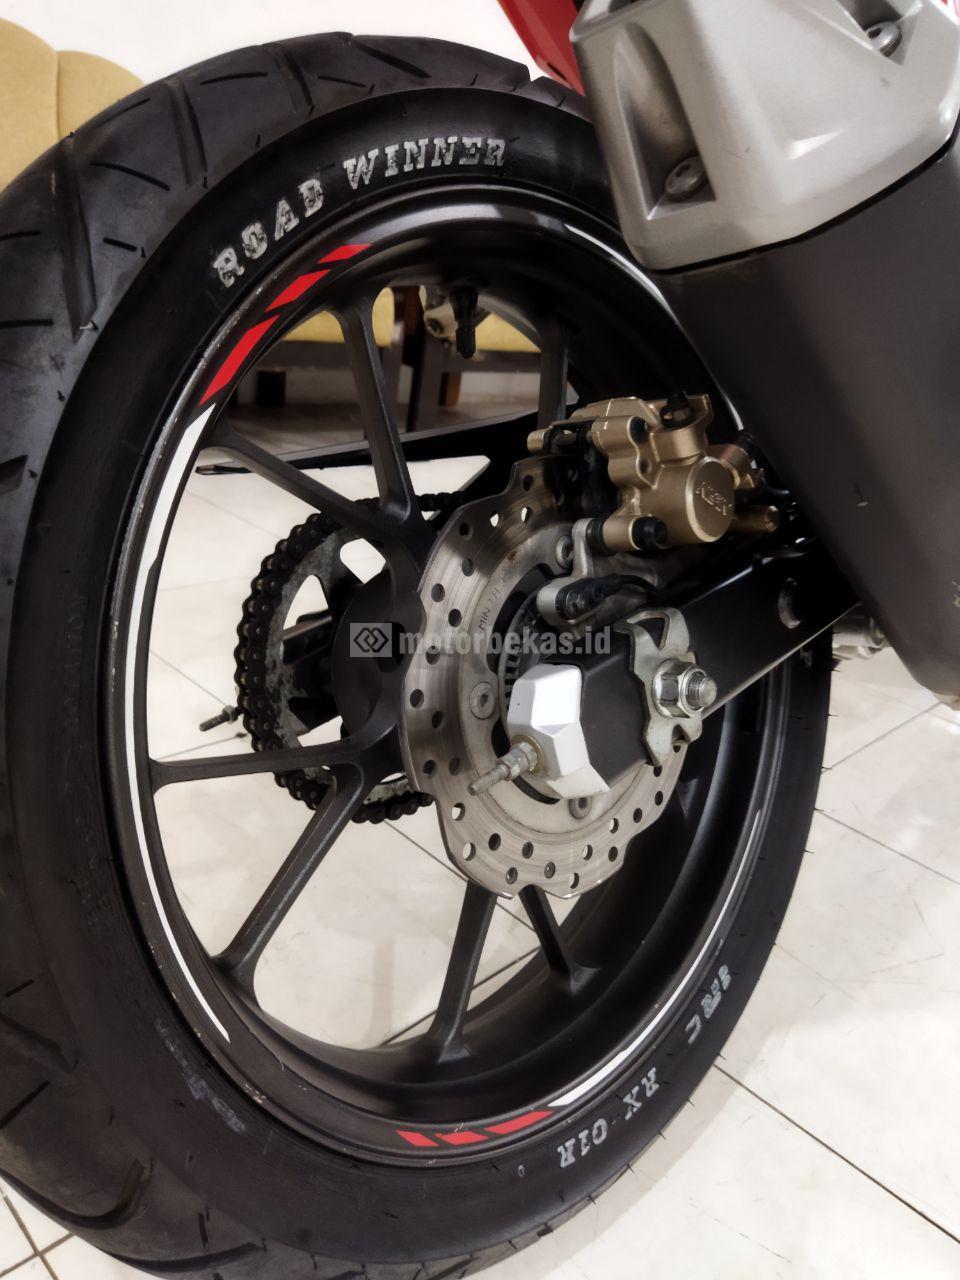 HONDA CBR 150R ABS 912 motorbekas.id